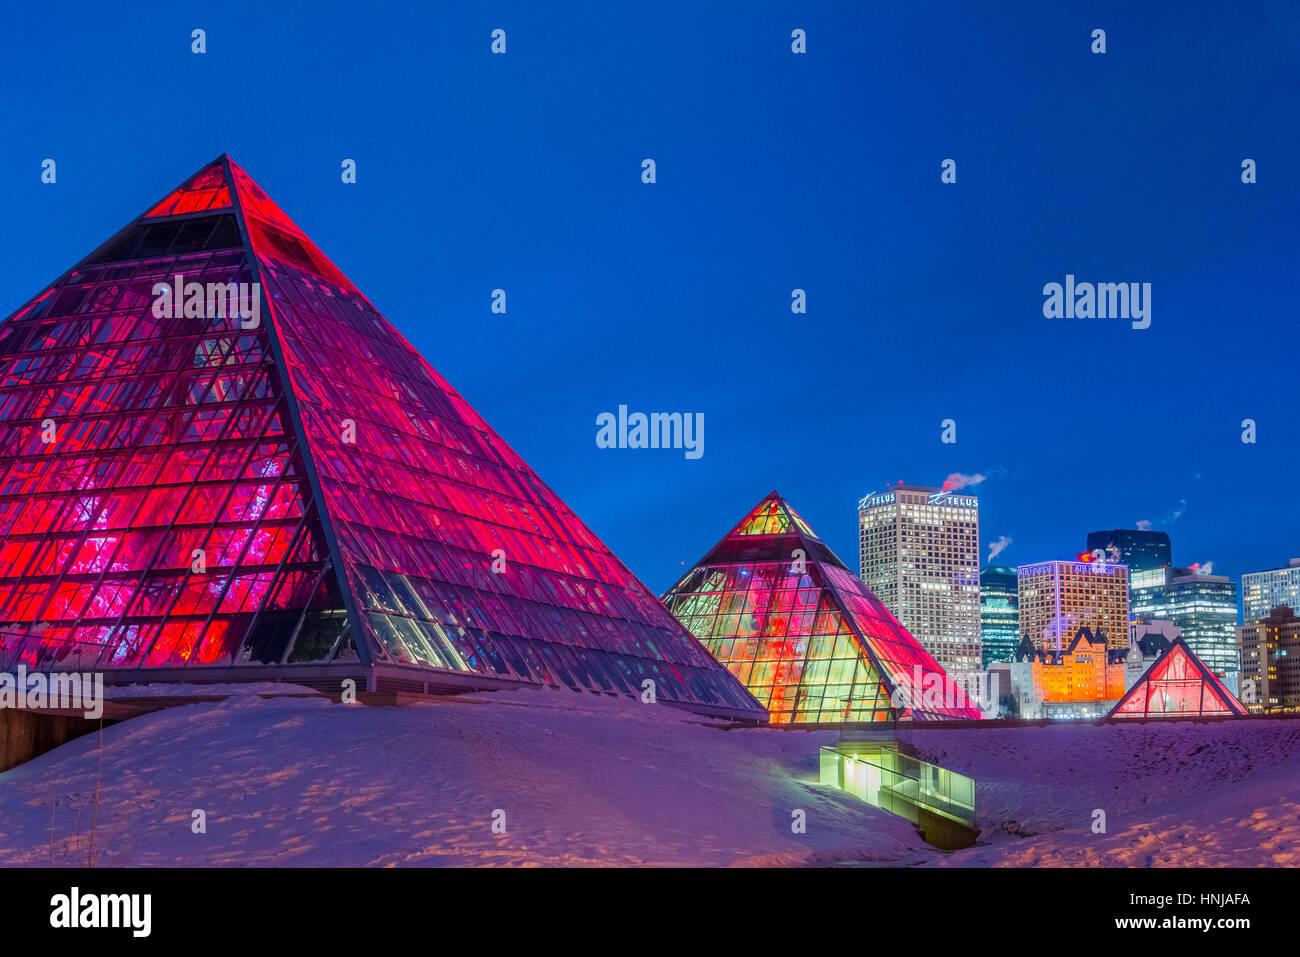 Lo skyline di Edmonton e illuminato Muttart Conservatory piramidi, un giardino botanico in Edmonton, Alberta, Canada Immagini Stock